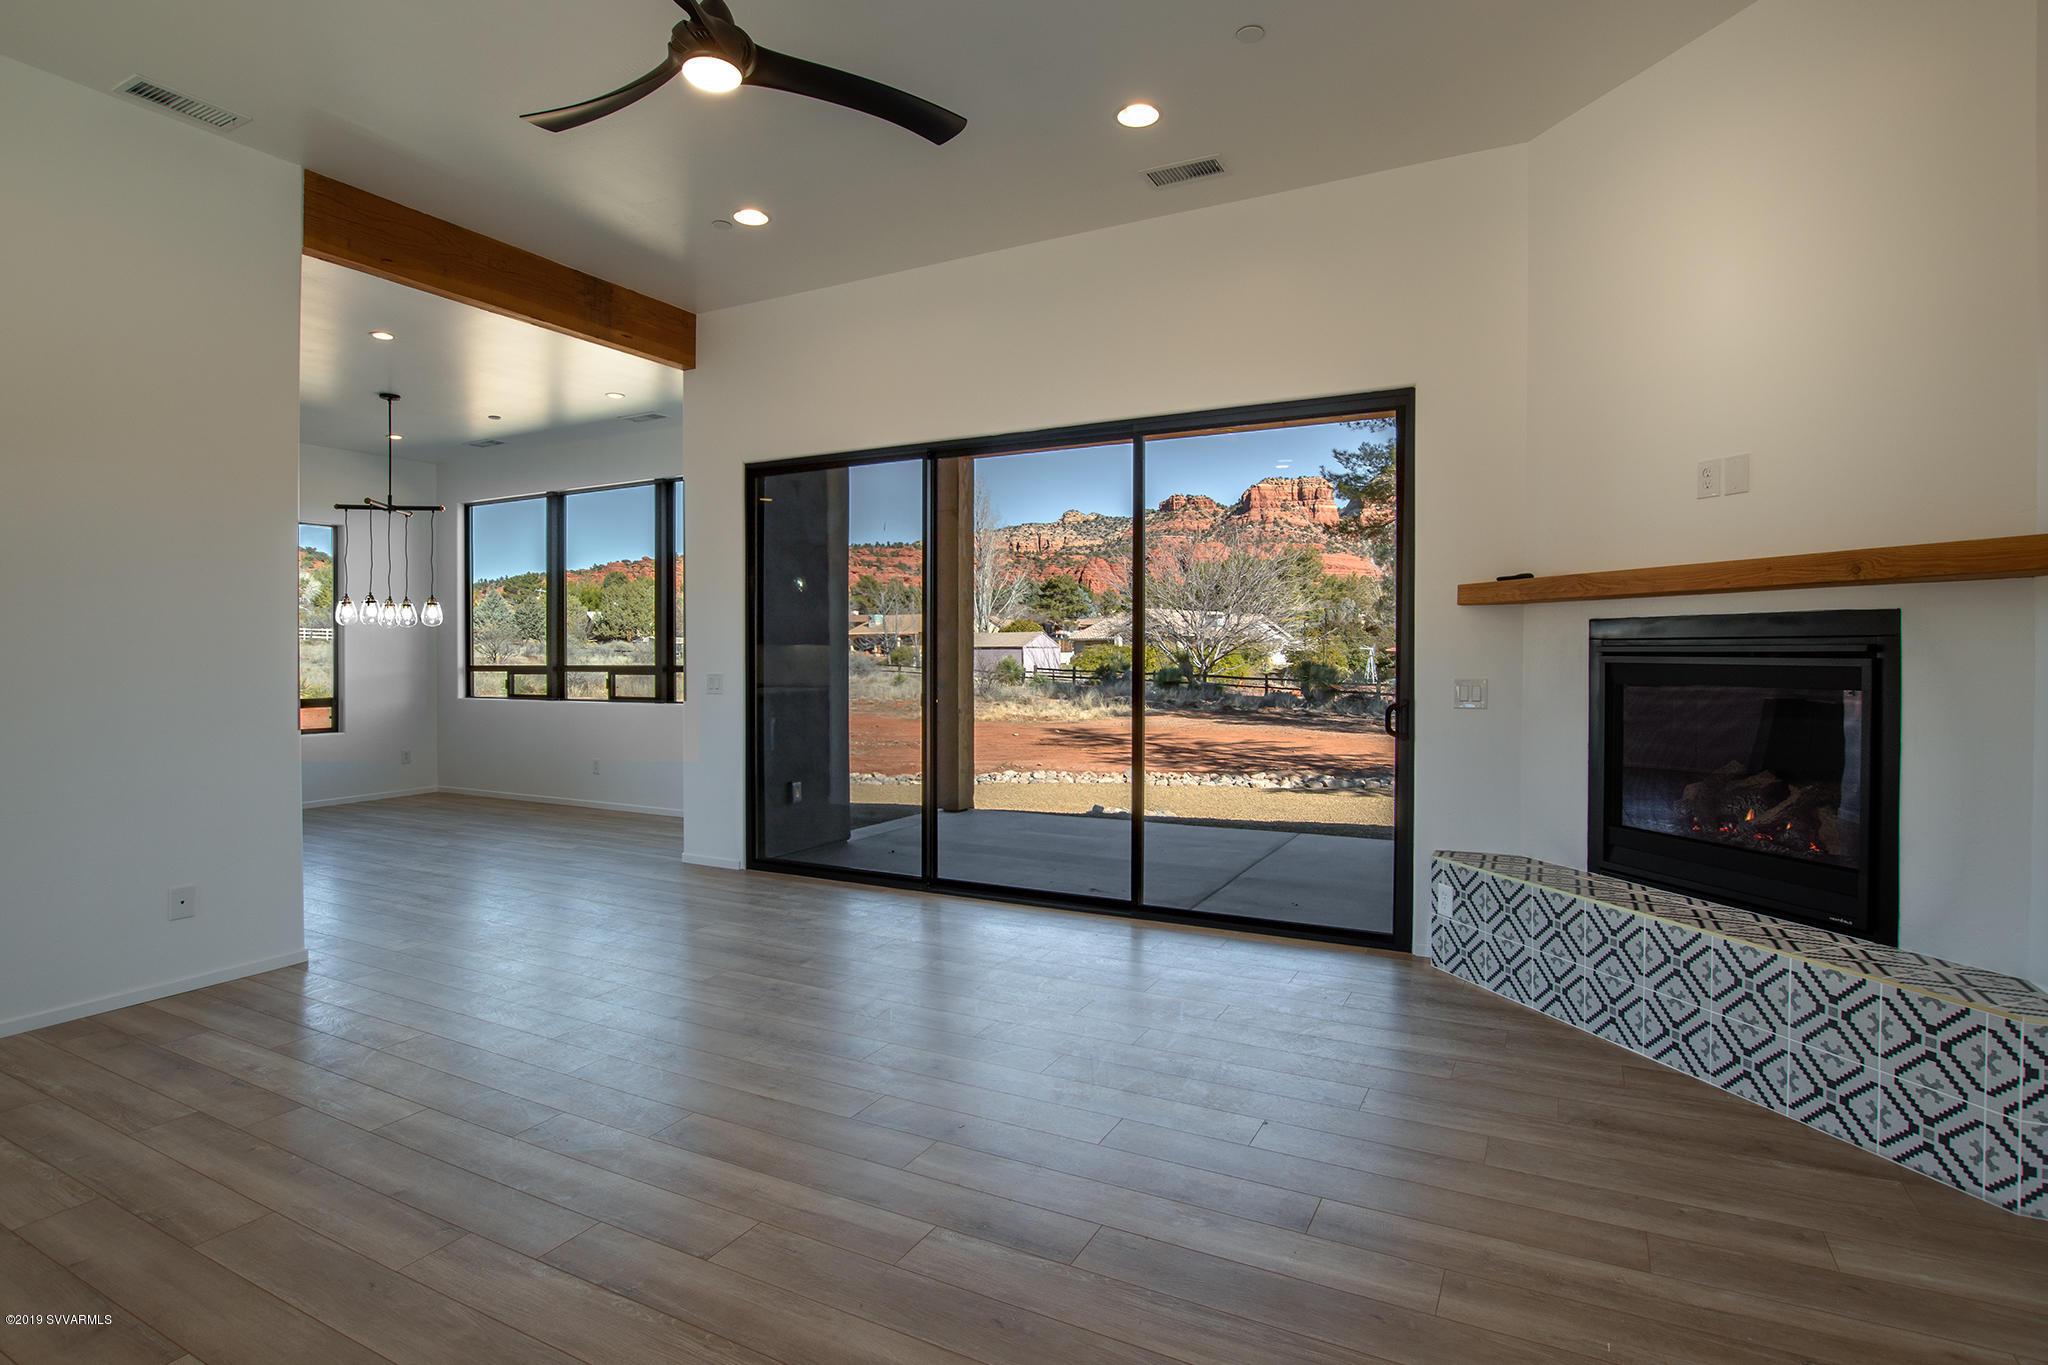 30 Tilley Lane Sedona, AZ 86351